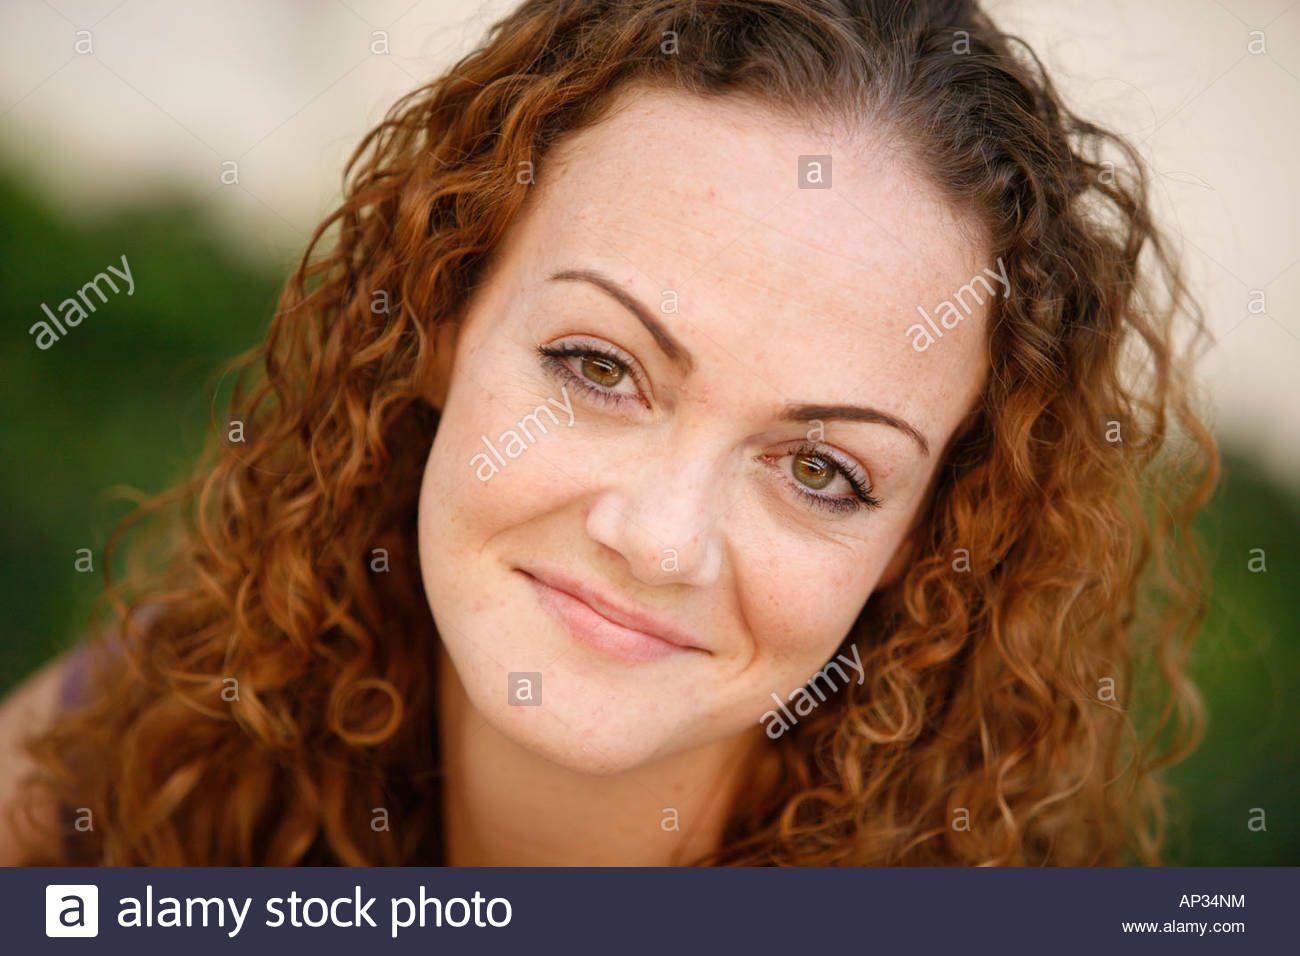 Old redhead facial